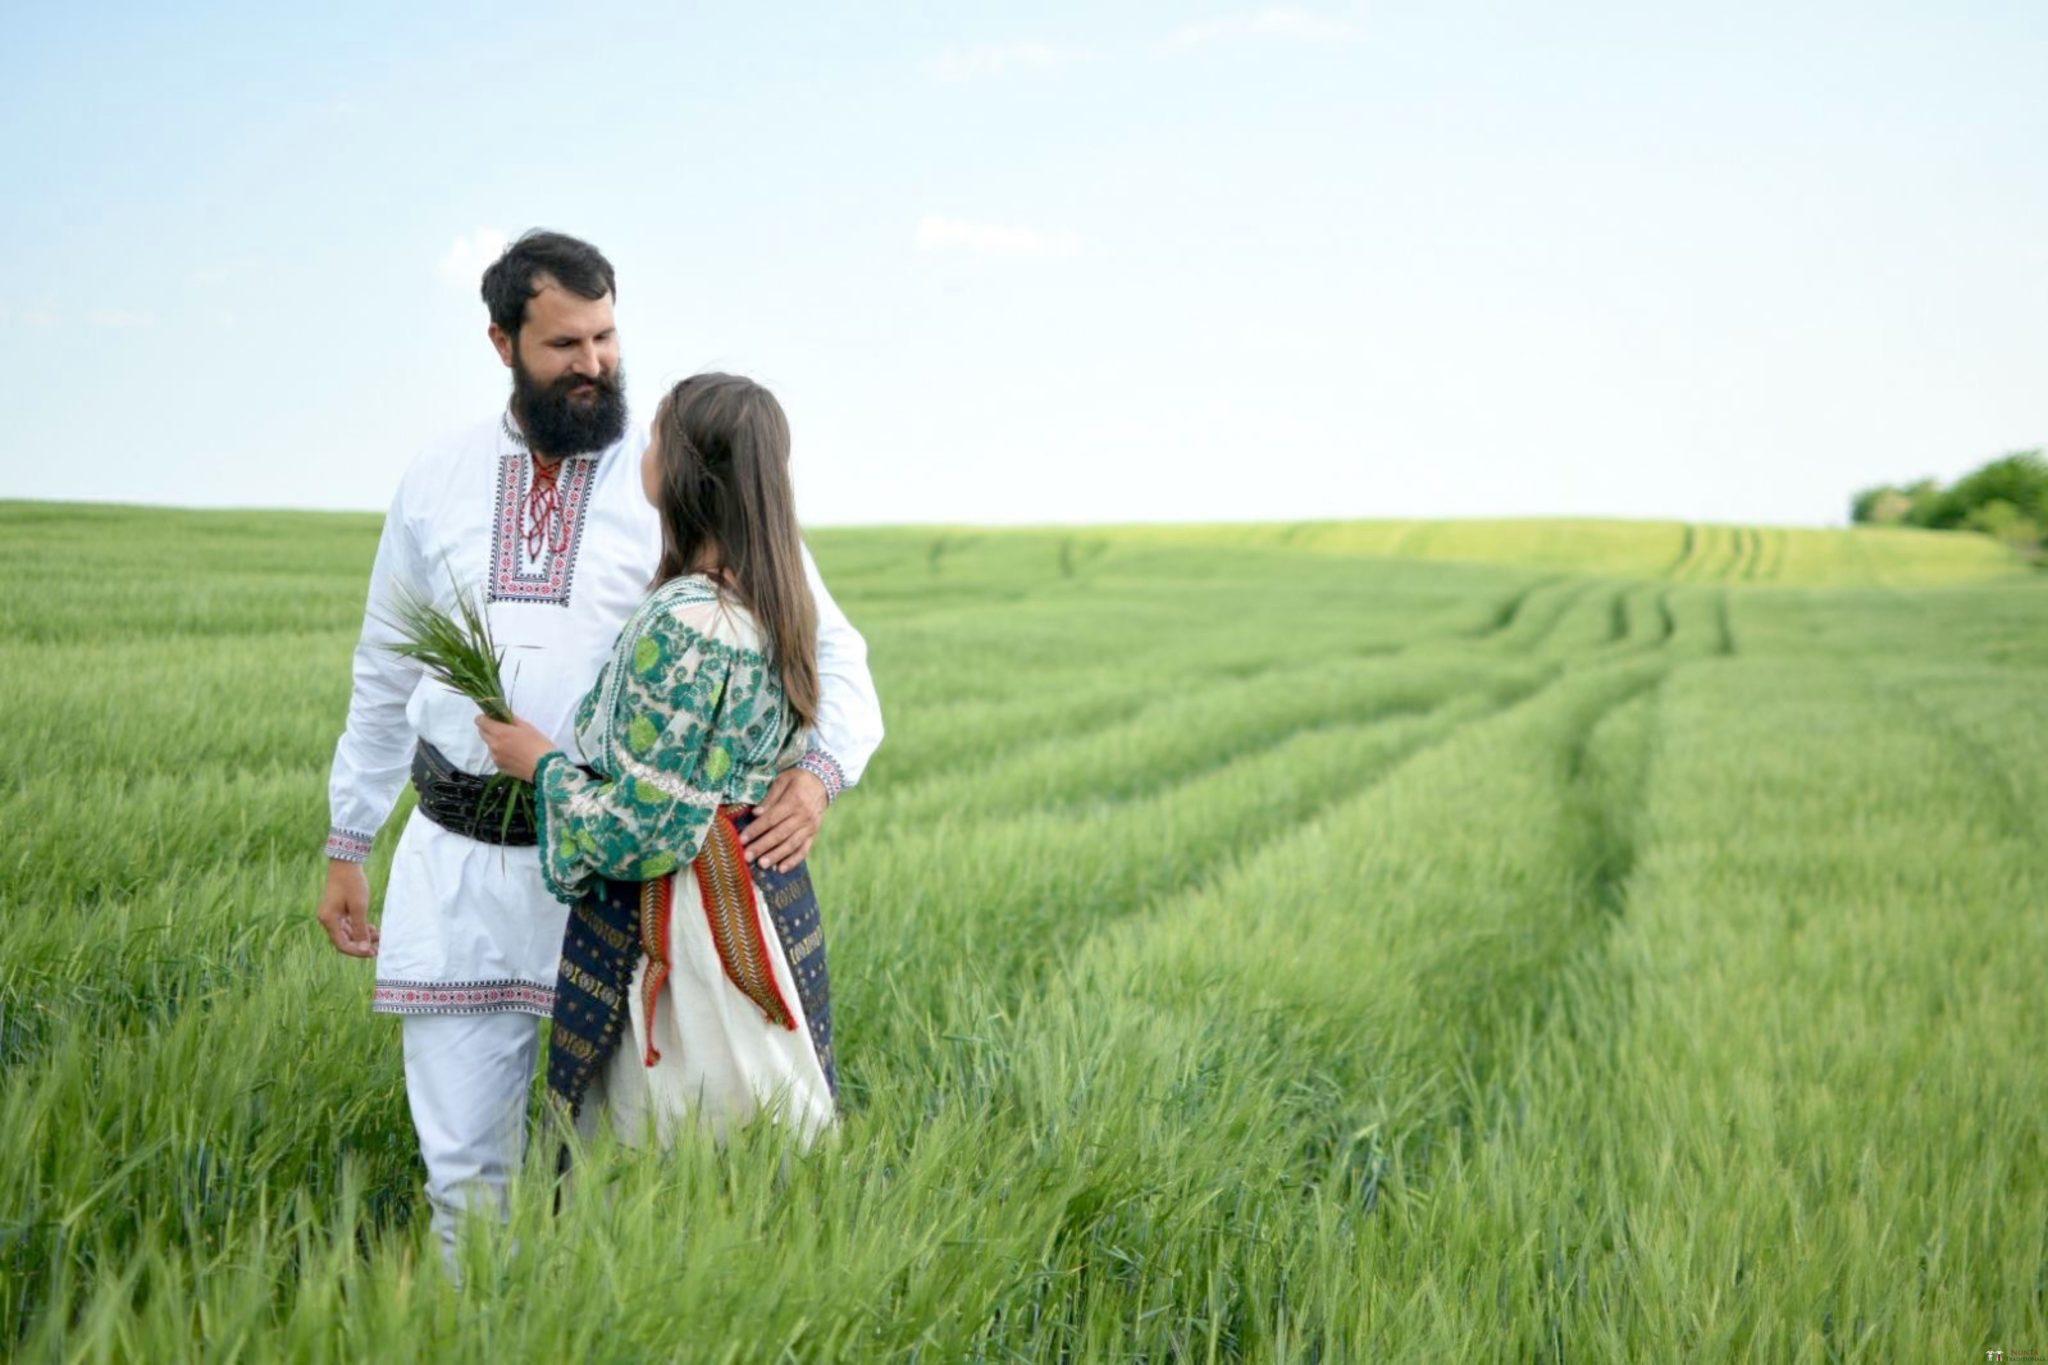 Povești Nunți Tradiționale - George Gabriel și Alexandra Buzatu, nuntă tradițională în Strejnicu, Prahova 19